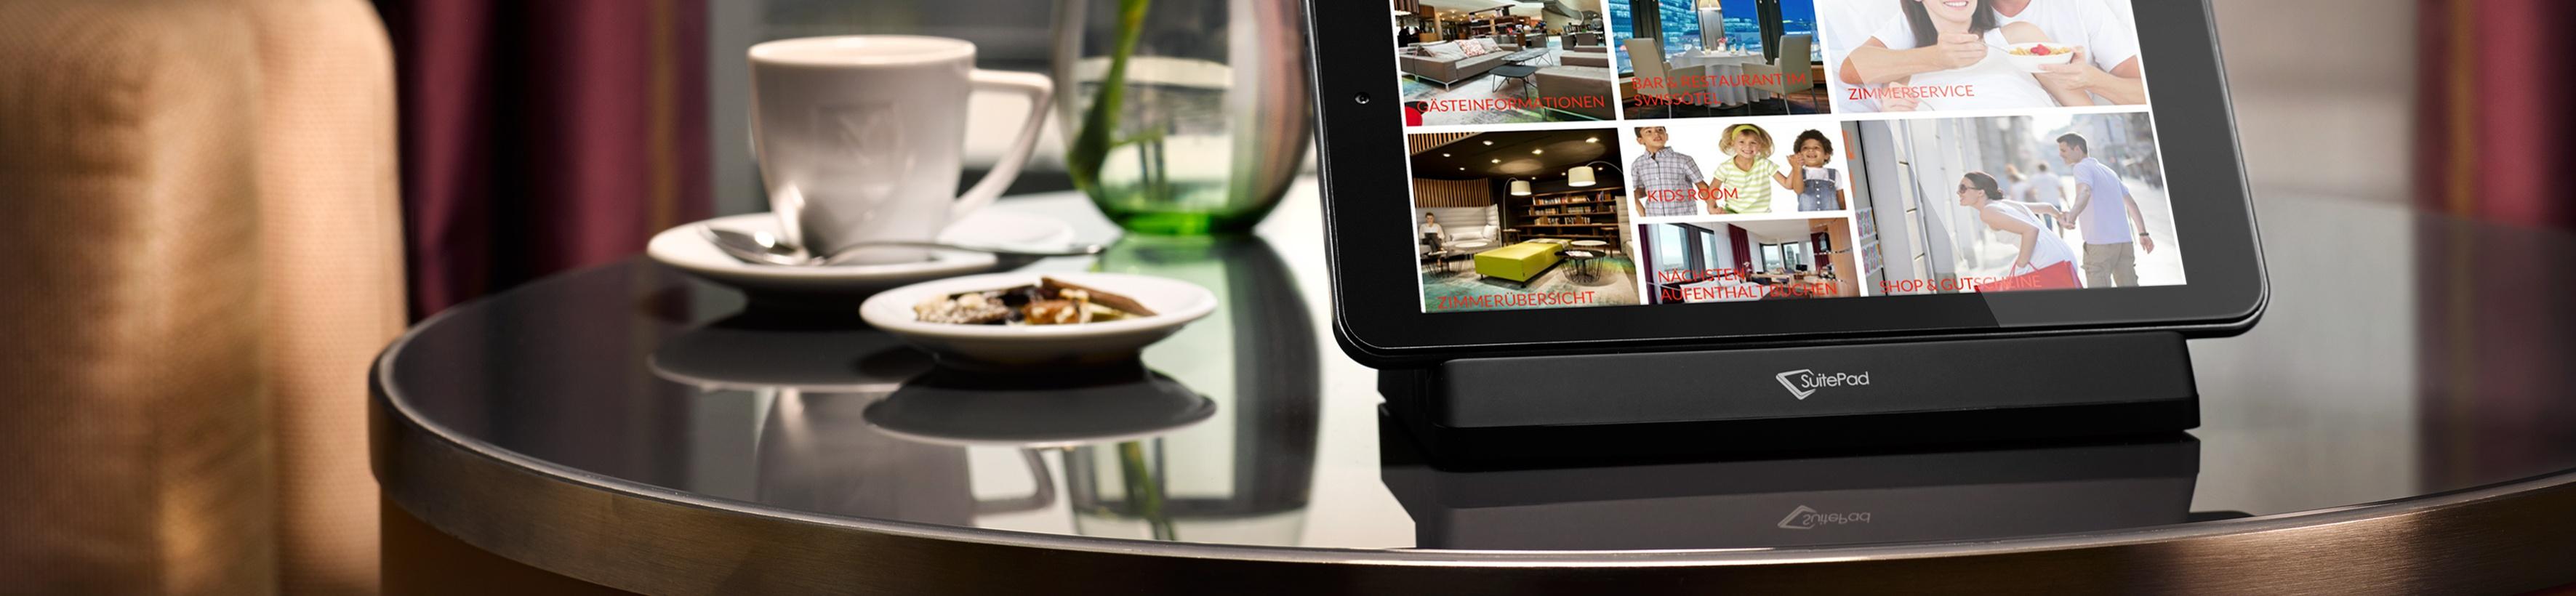 roi berechnen mit suitepad. Black Bedroom Furniture Sets. Home Design Ideas